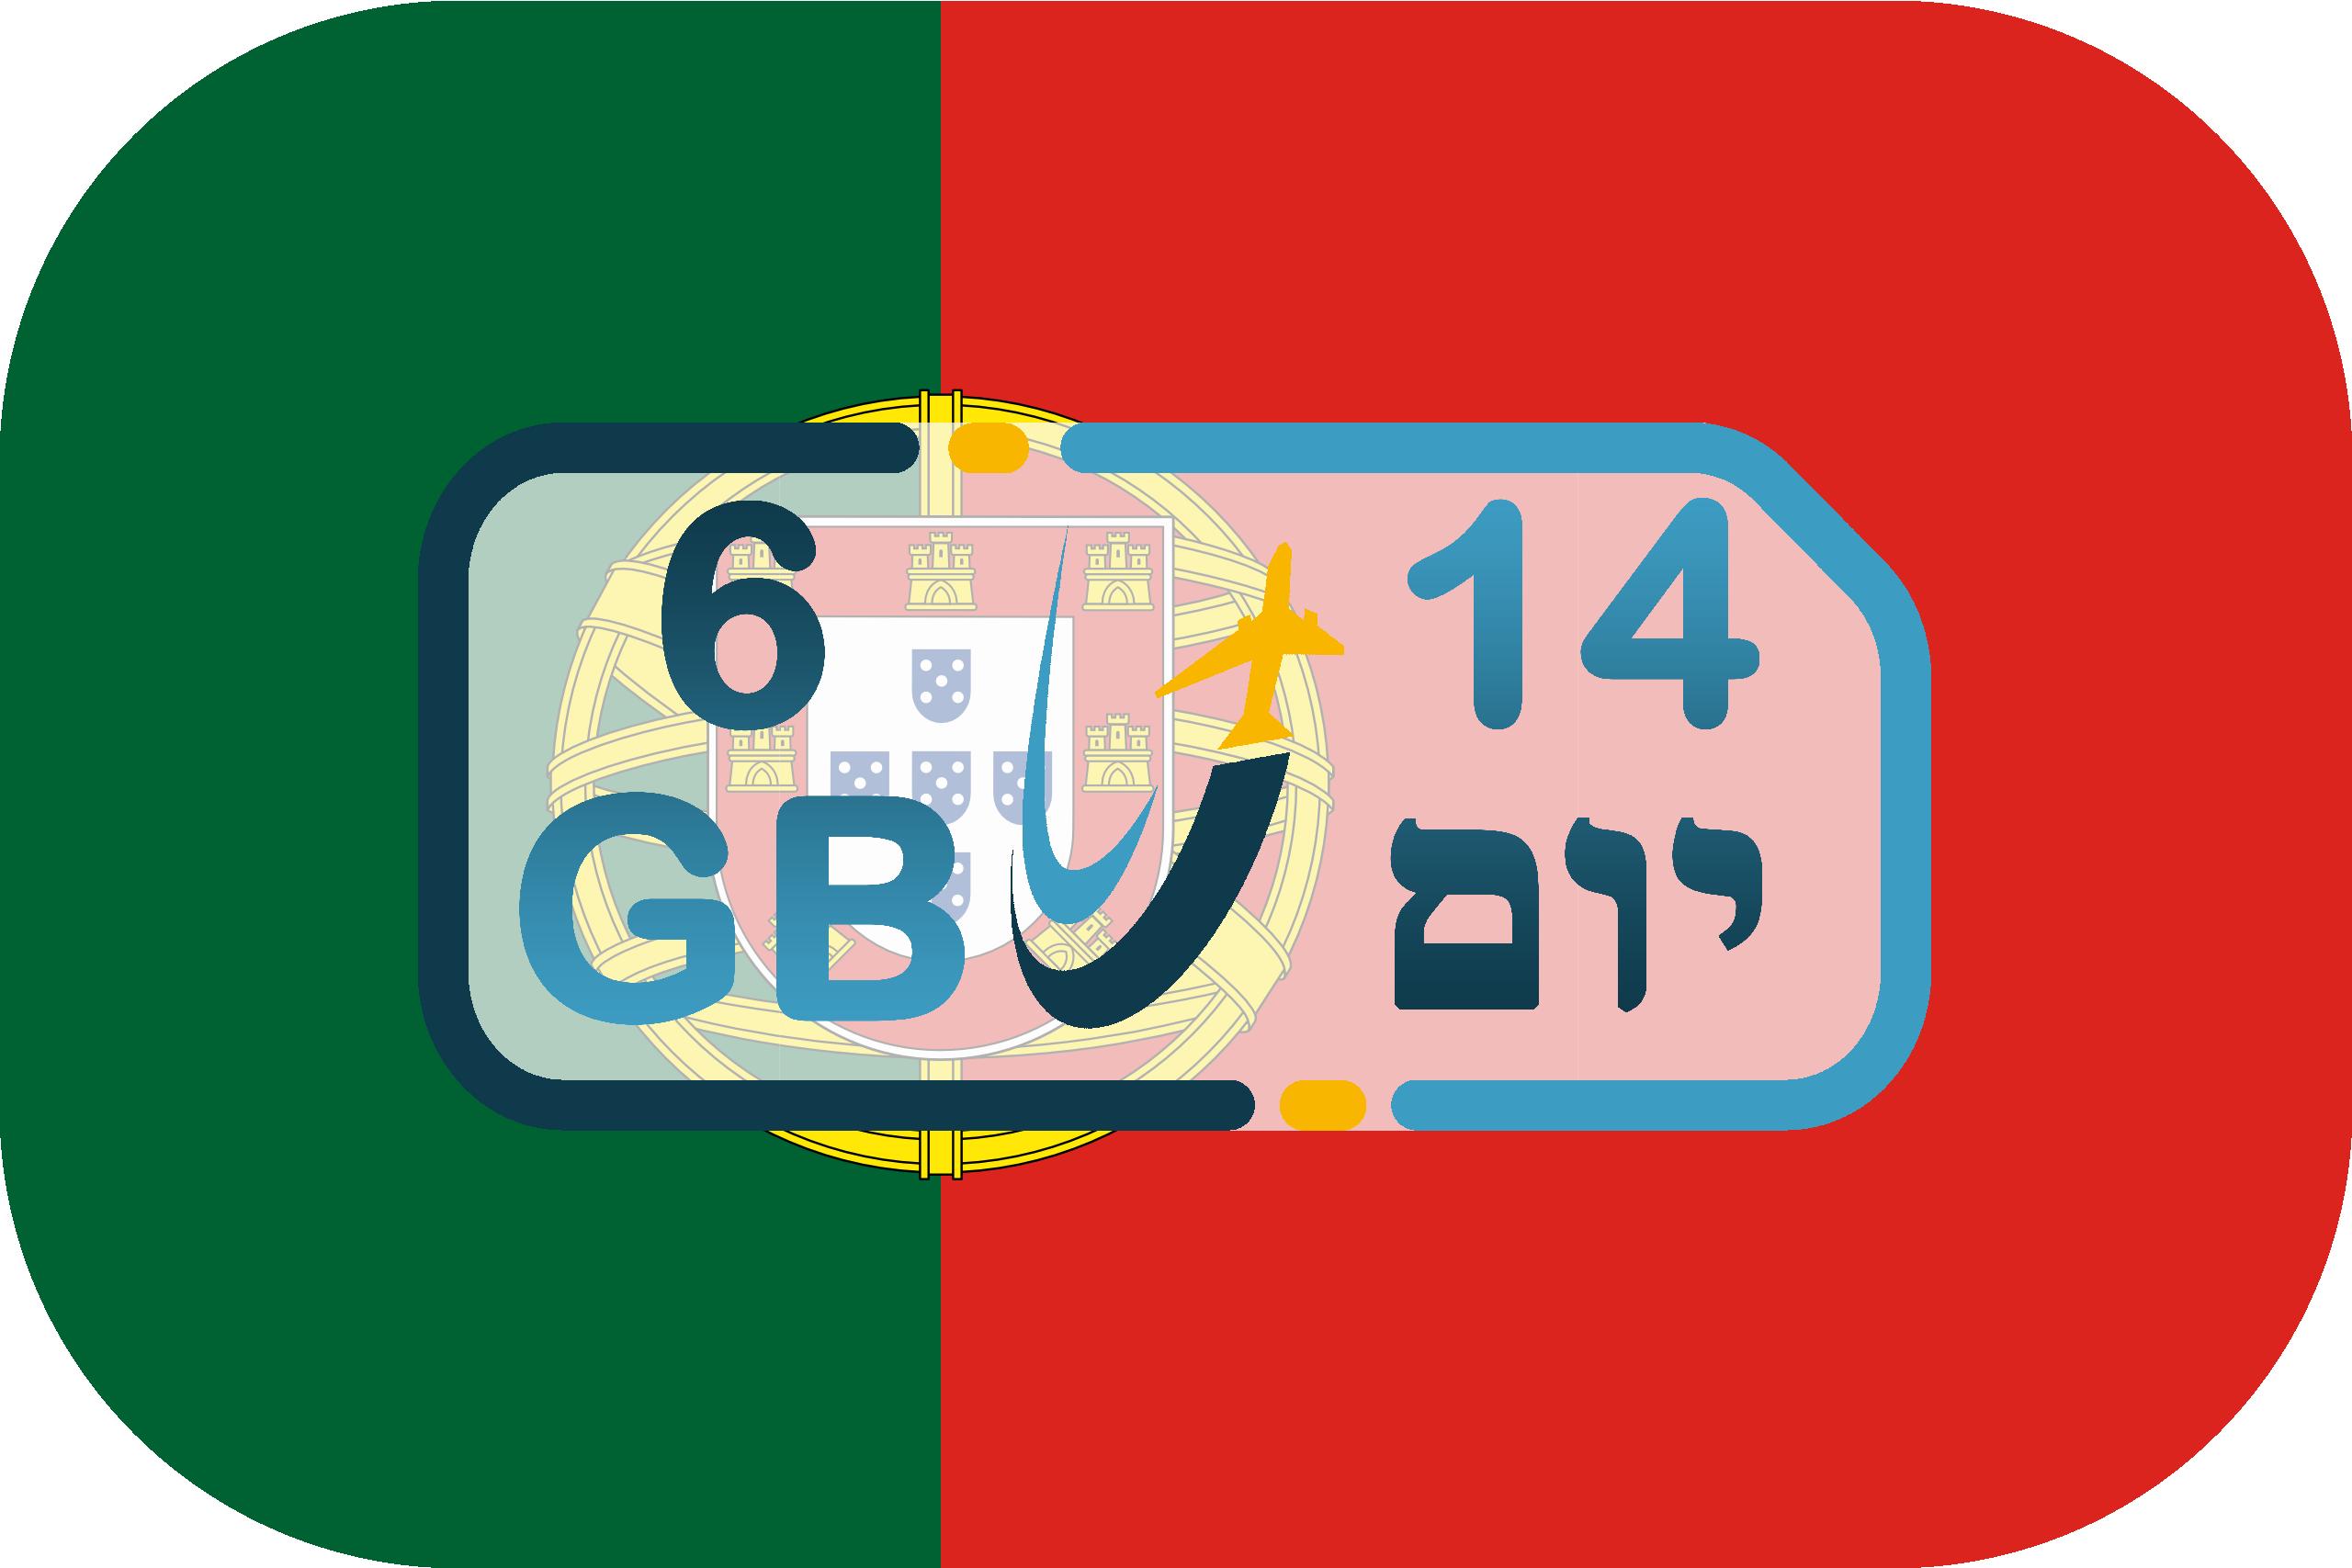 כרטיס סים בפורטוגל – גלישה 6GB (בתוקף ל- 14 יום)